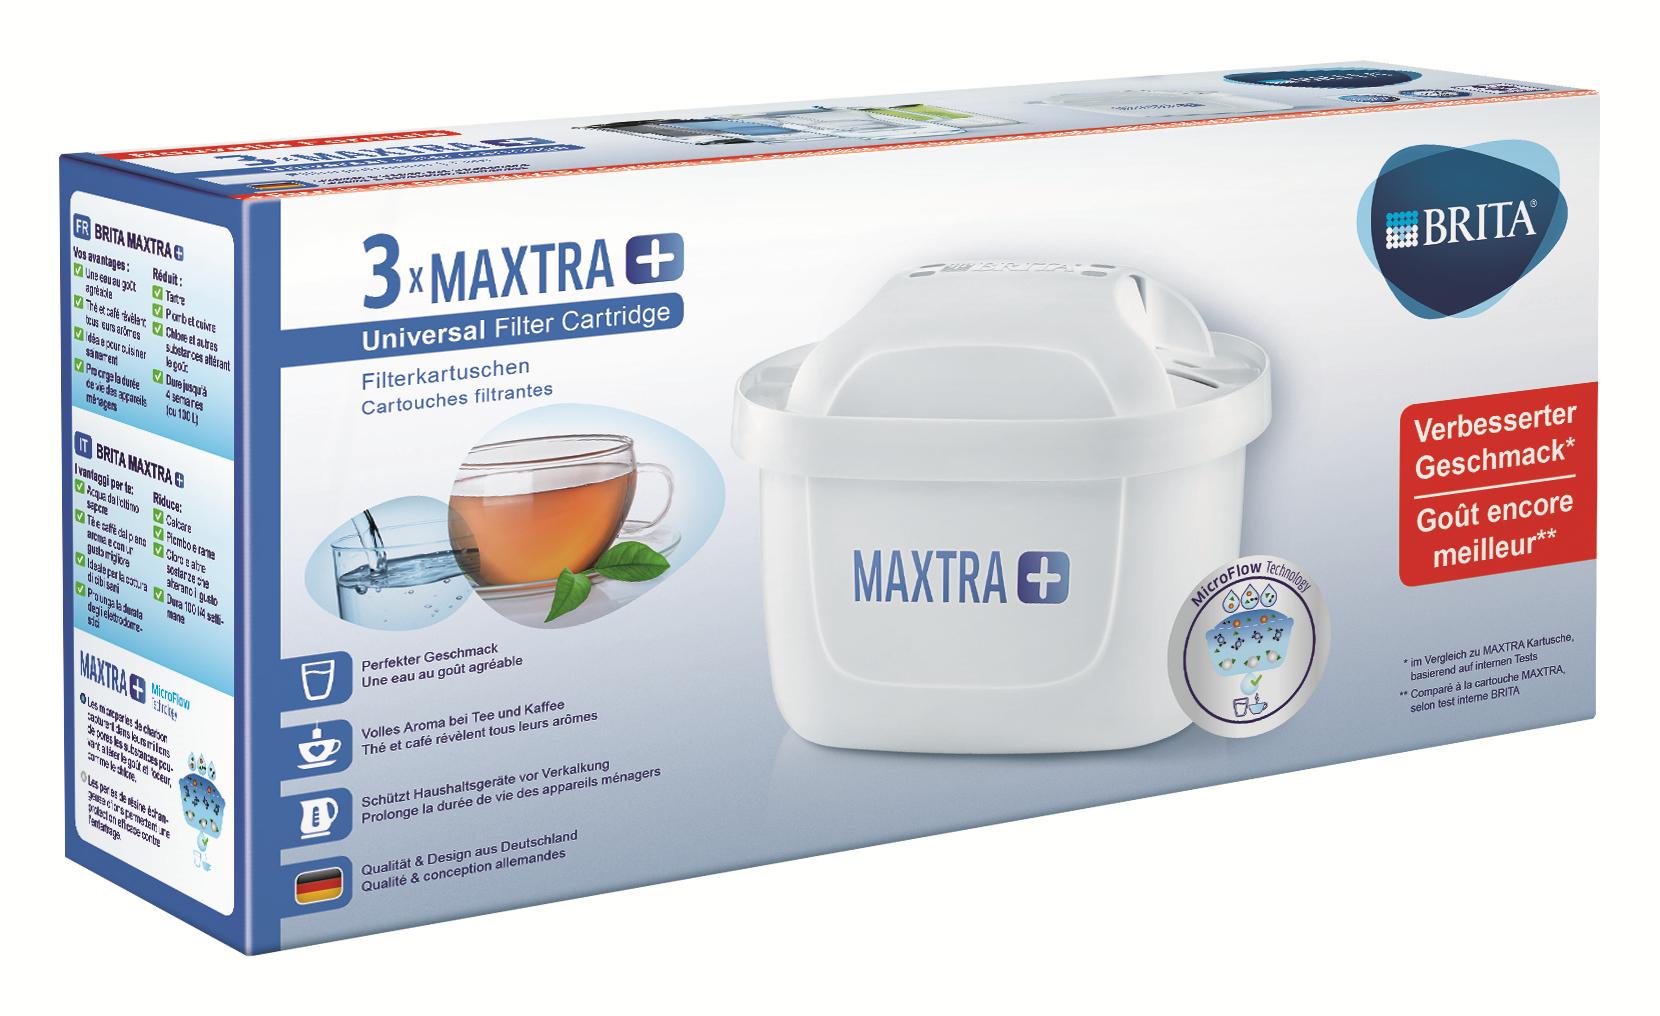 BRITA Maxtra+ 3 Wasserfilterkartuschen 14,99 (Penny) - kleine Übersicht -